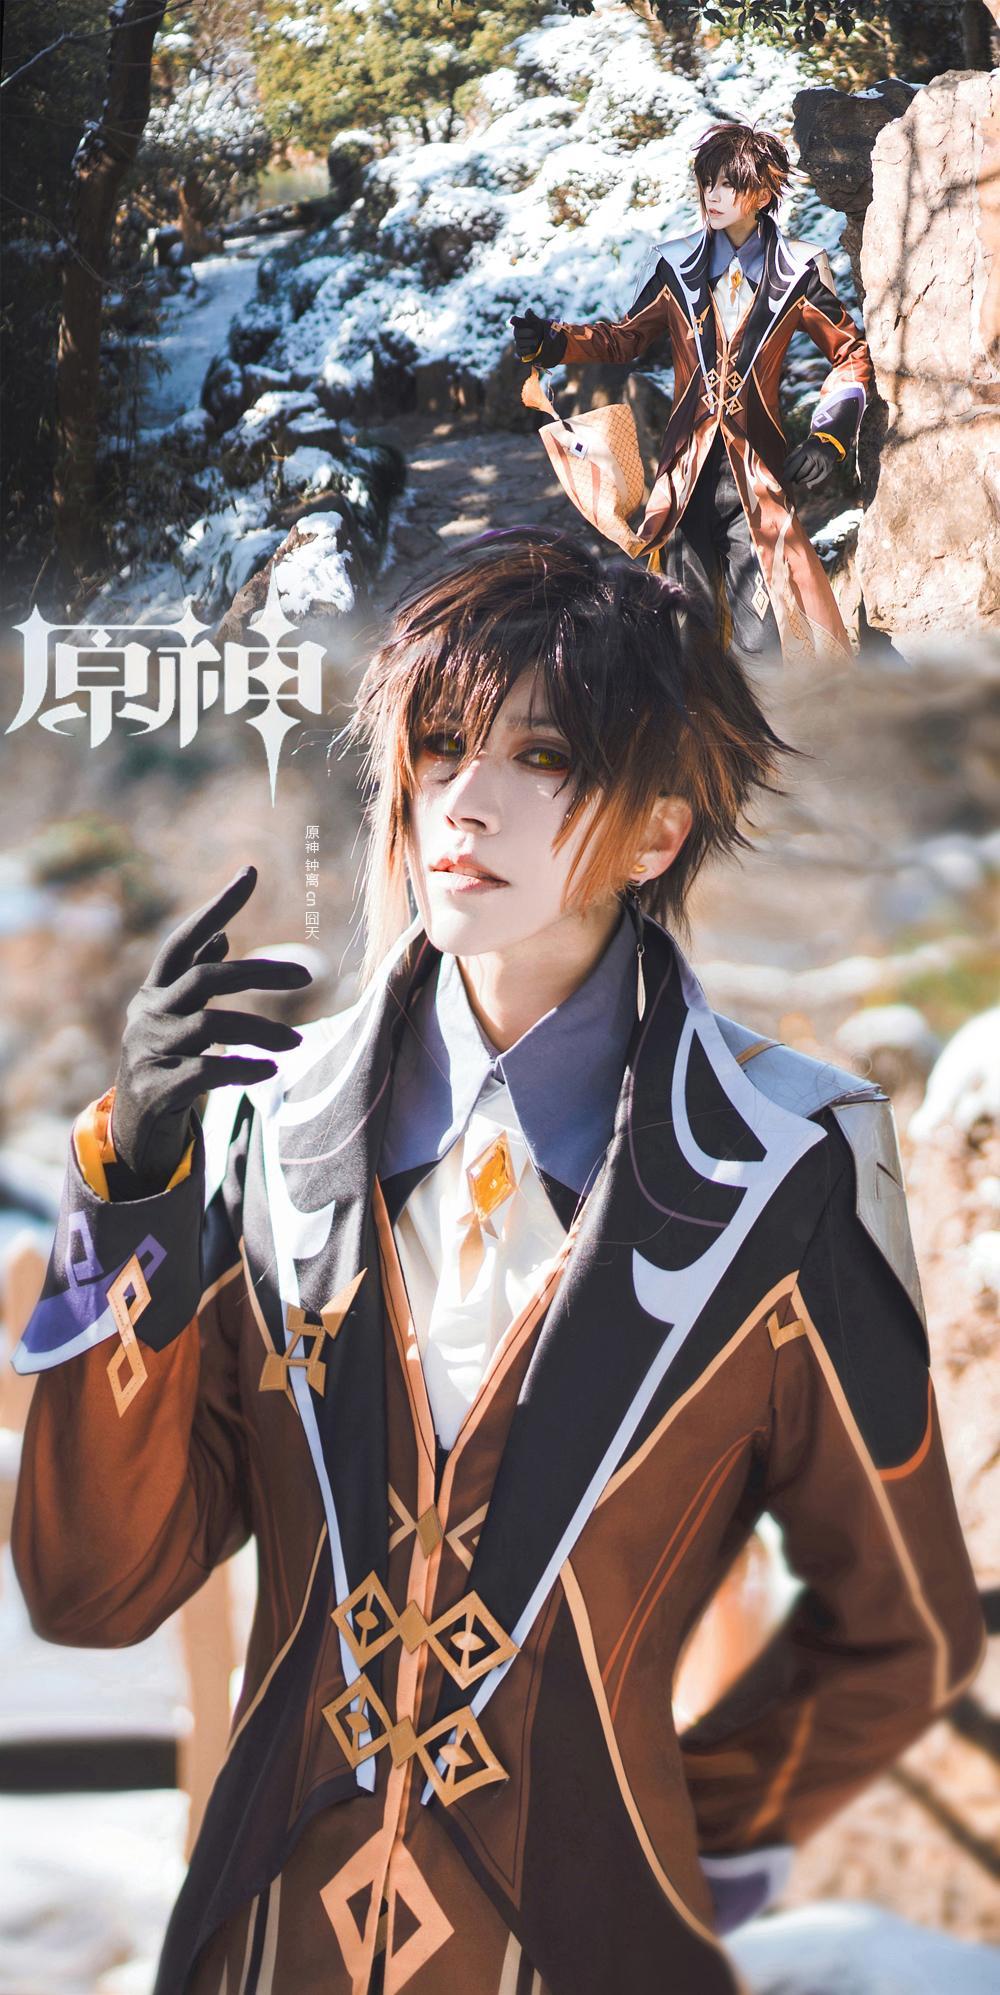 《原神》游戏cosplay【CN:斑厂长和囧天两个小垃圾】-第7张